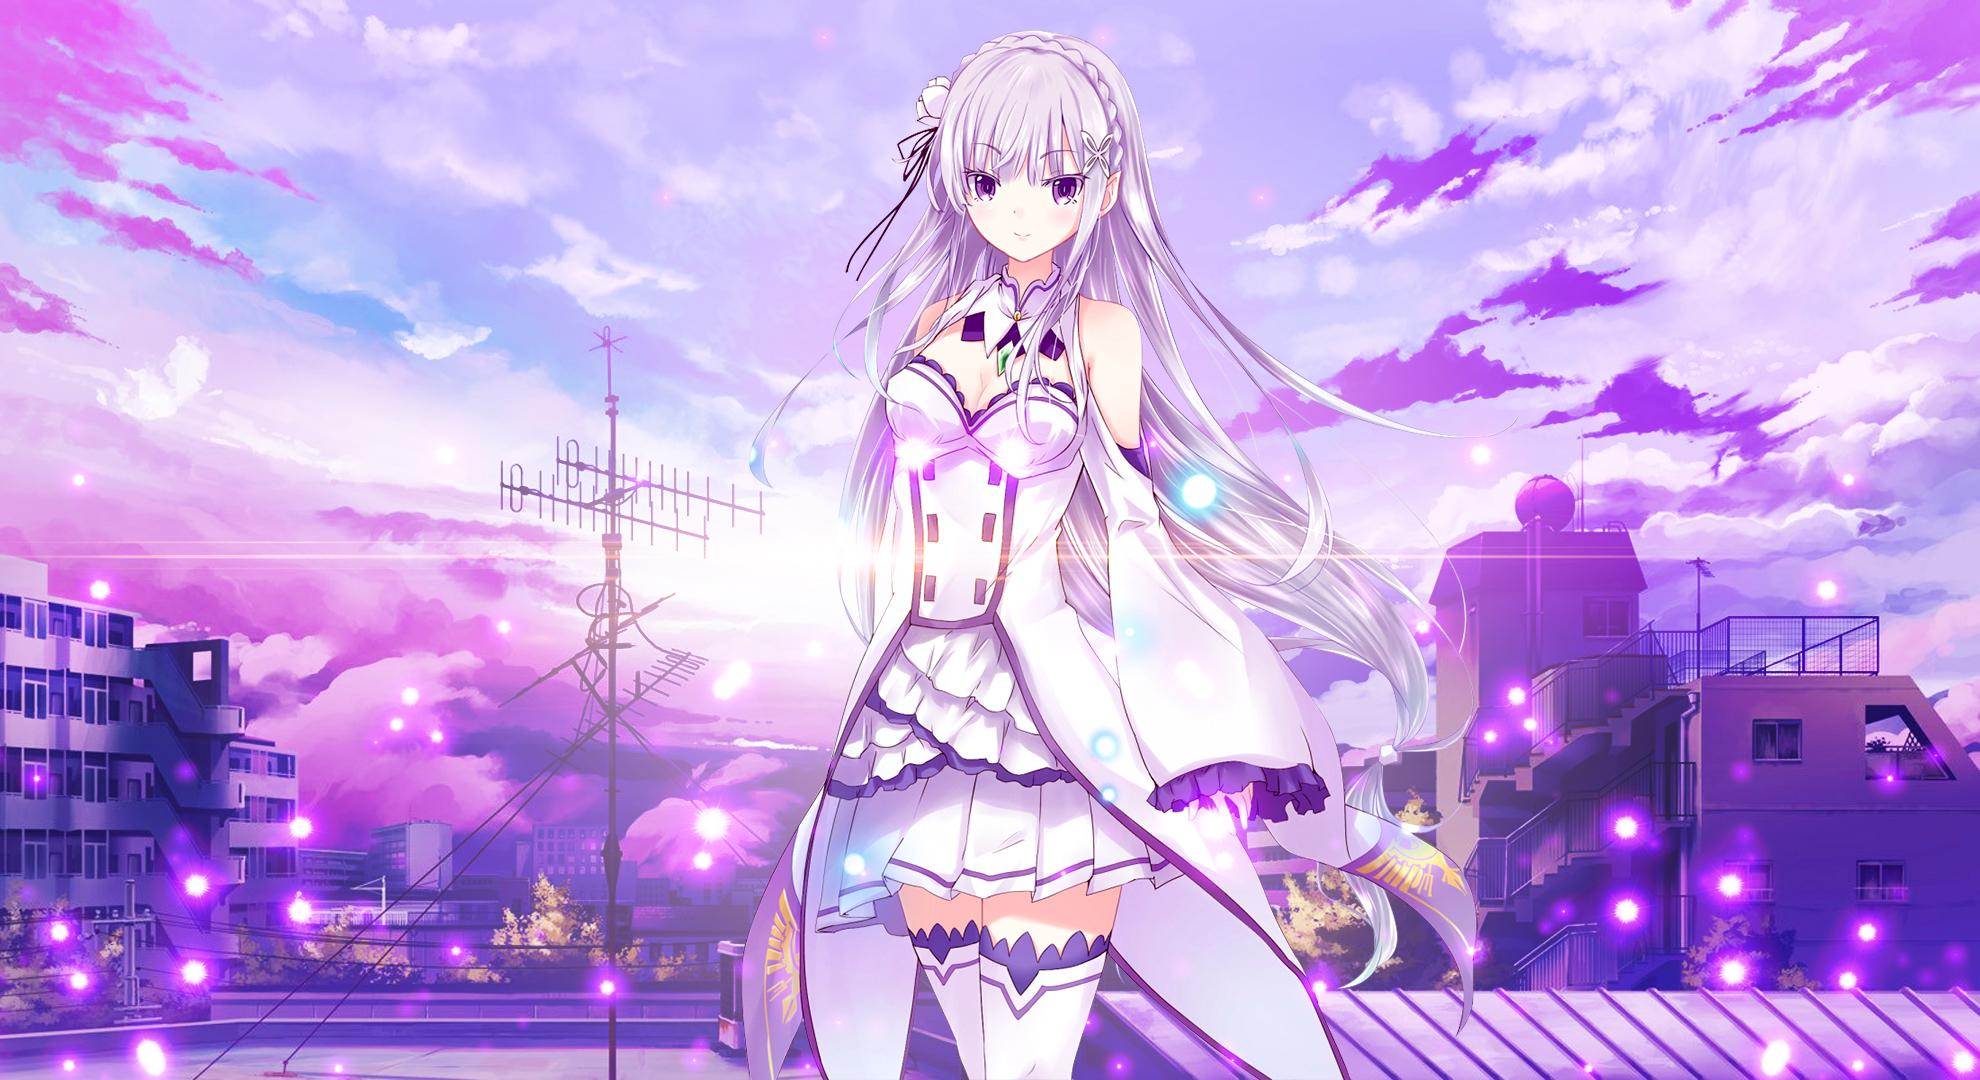 Wallpaper Emilia Re Zero Re Zero Kara Hajimeru Isekai Seikatsu